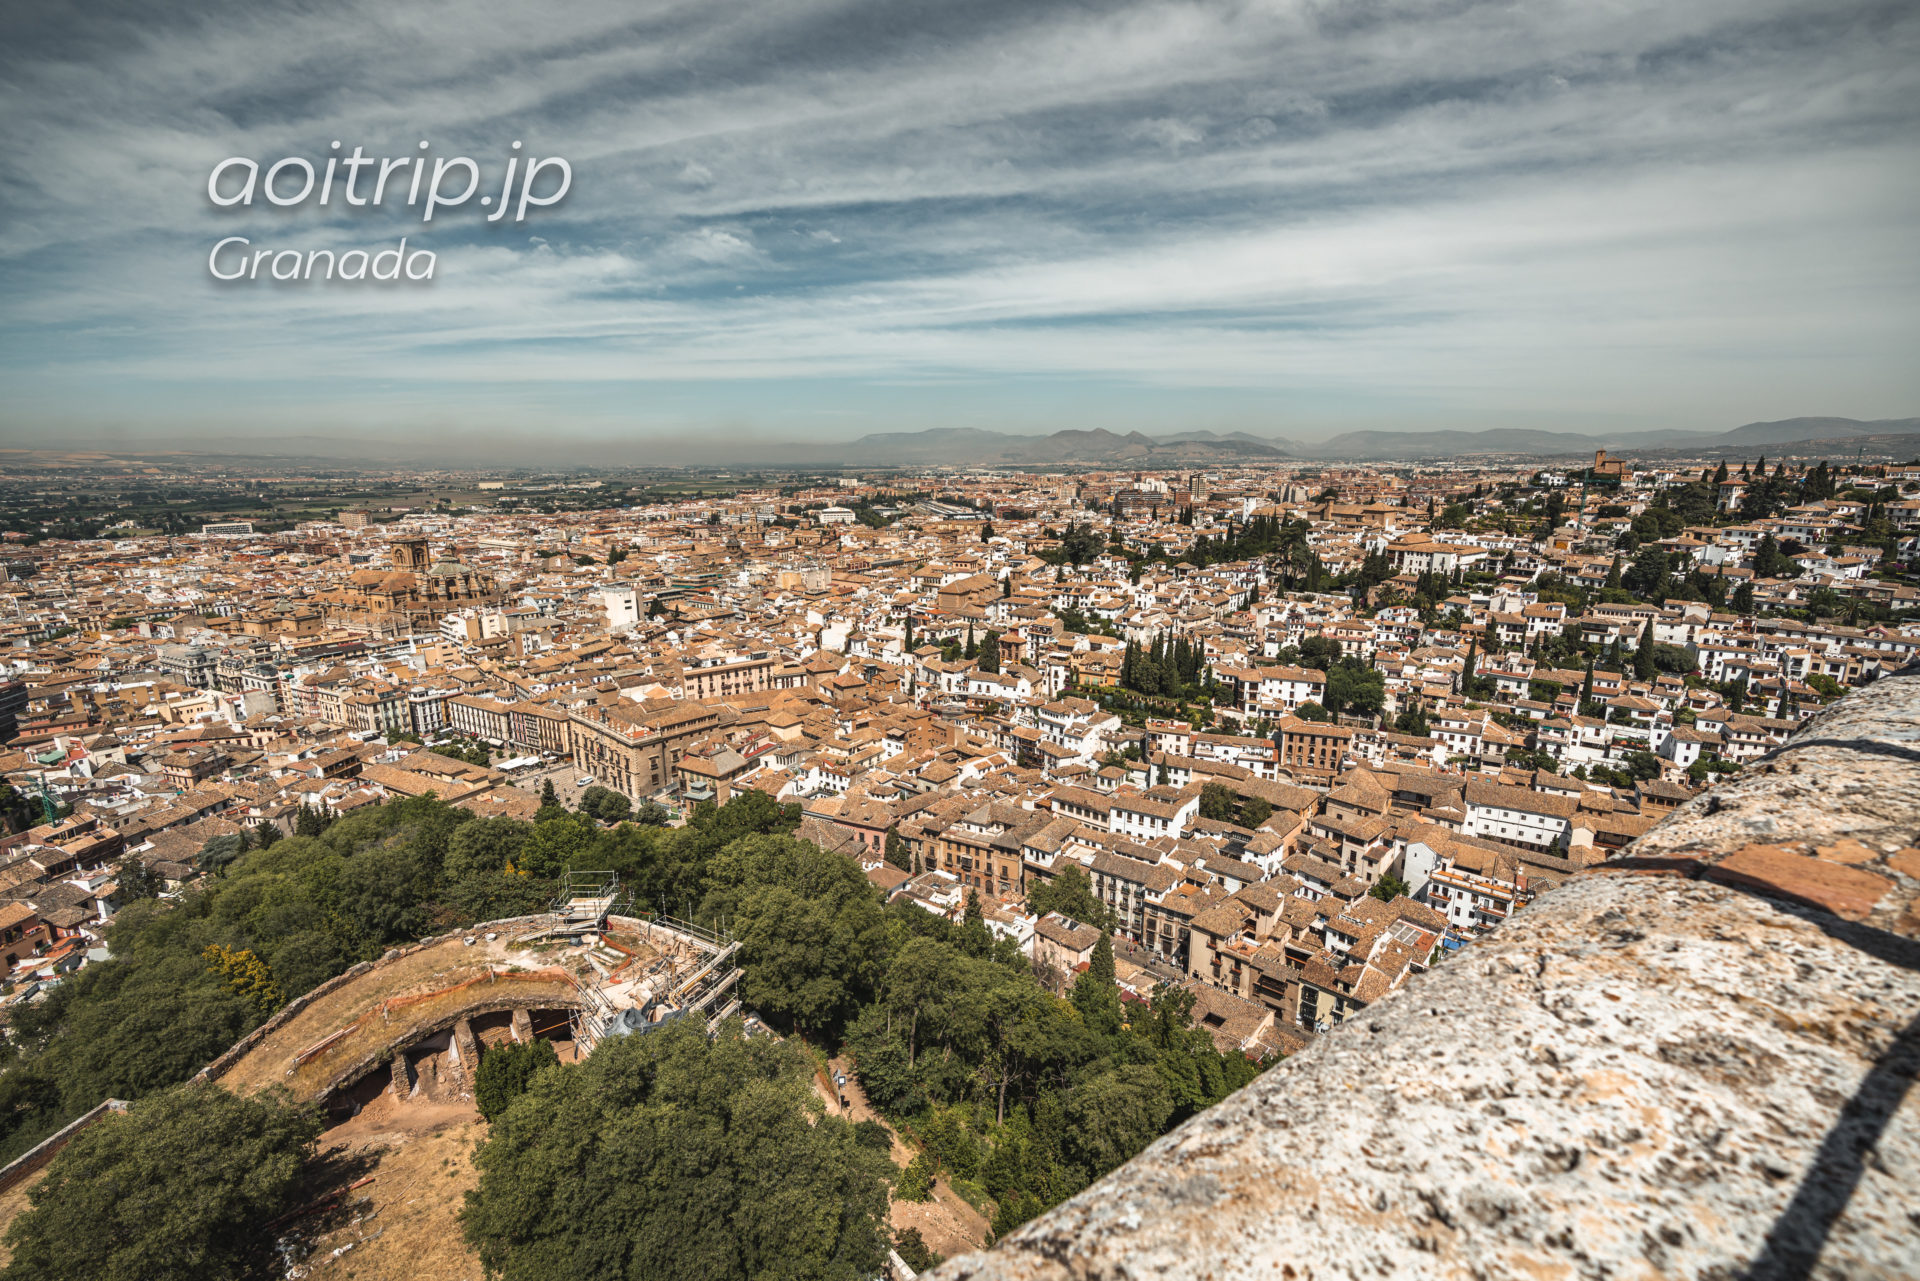 グラナダのアルハンブラ宮殿 アルカサバにあるベラの塔からの眺望